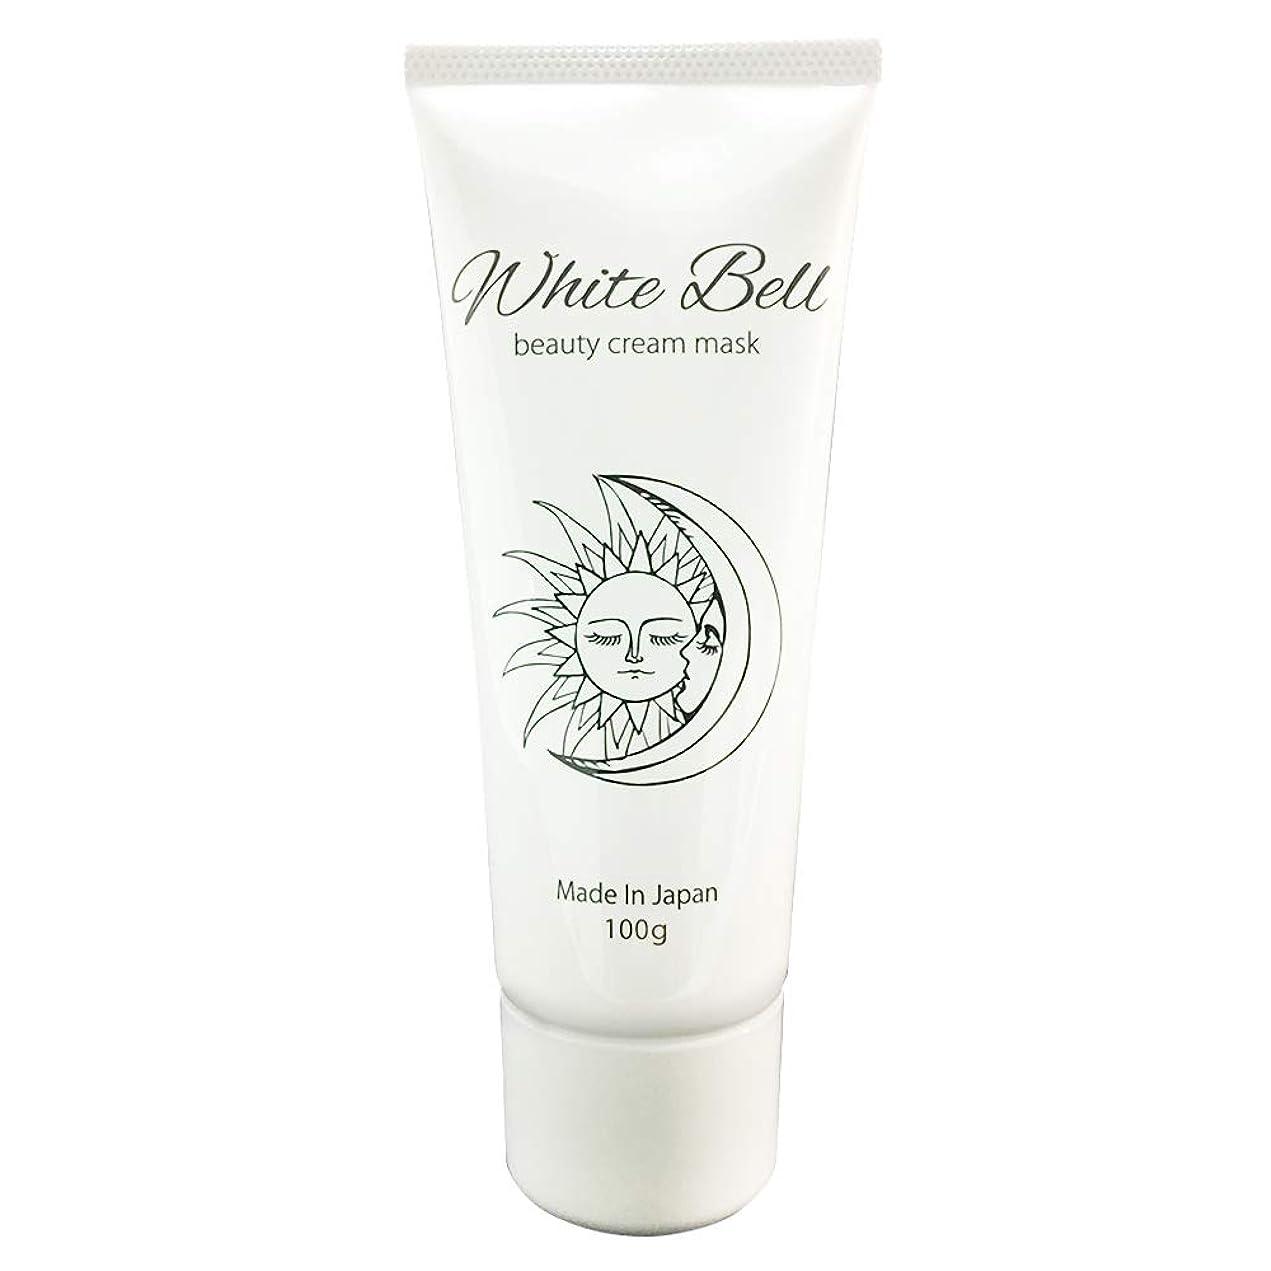 抵当オーバードローチチカカ湖ホワイトベル ビューティークリームマスク White-Bell beauty cream mask ナイトクリーム オールインワン